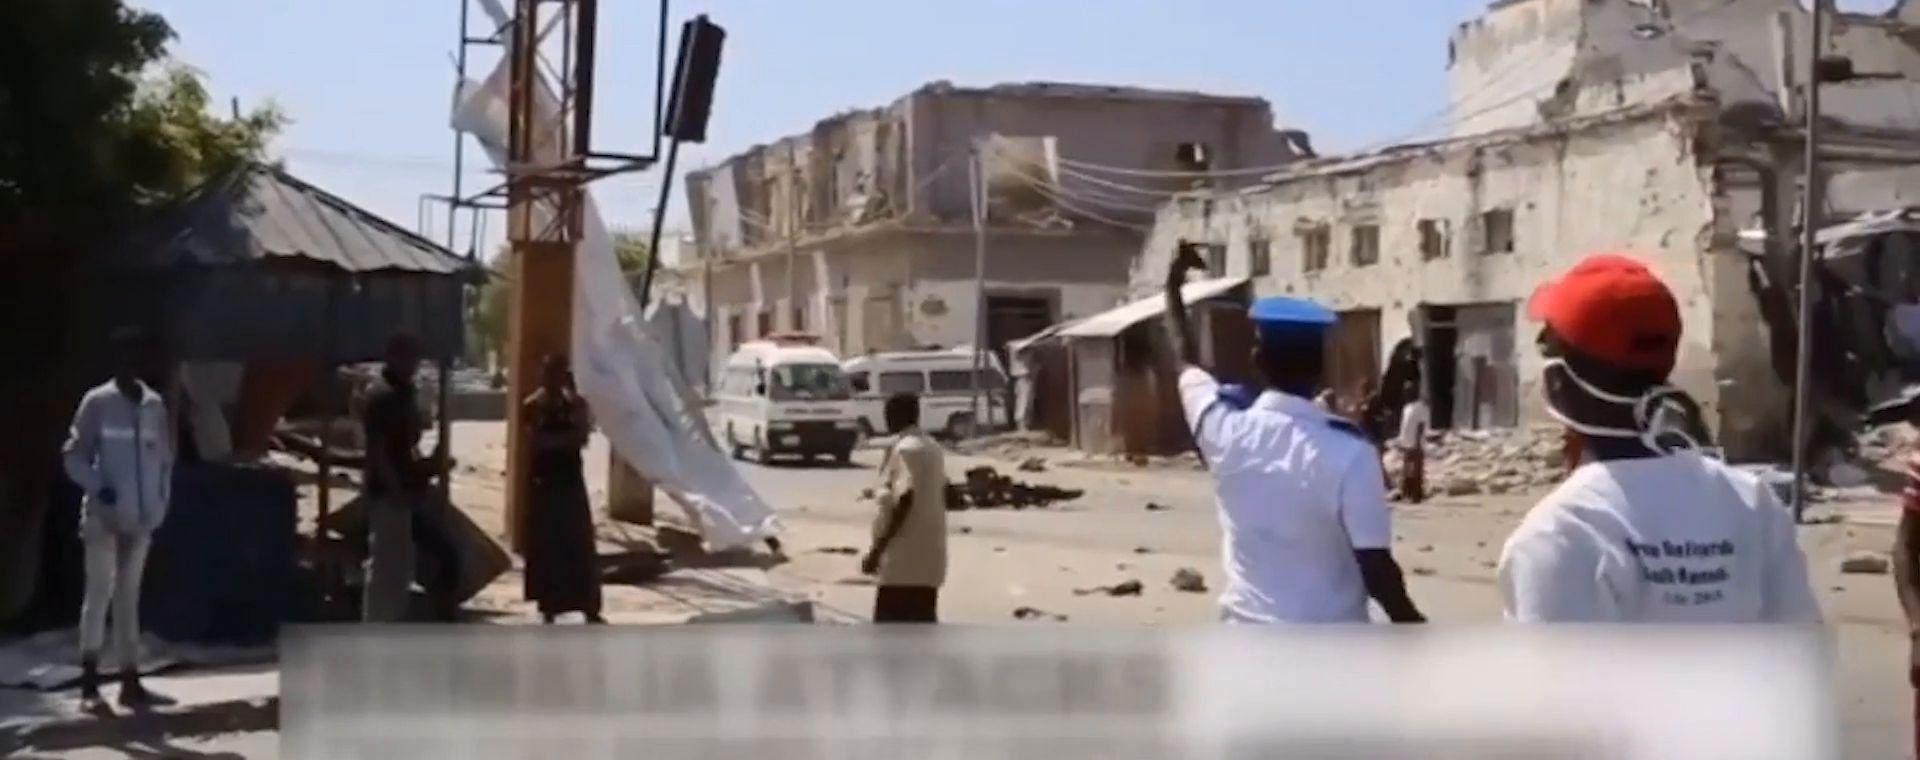 Bombing attack in Somalia